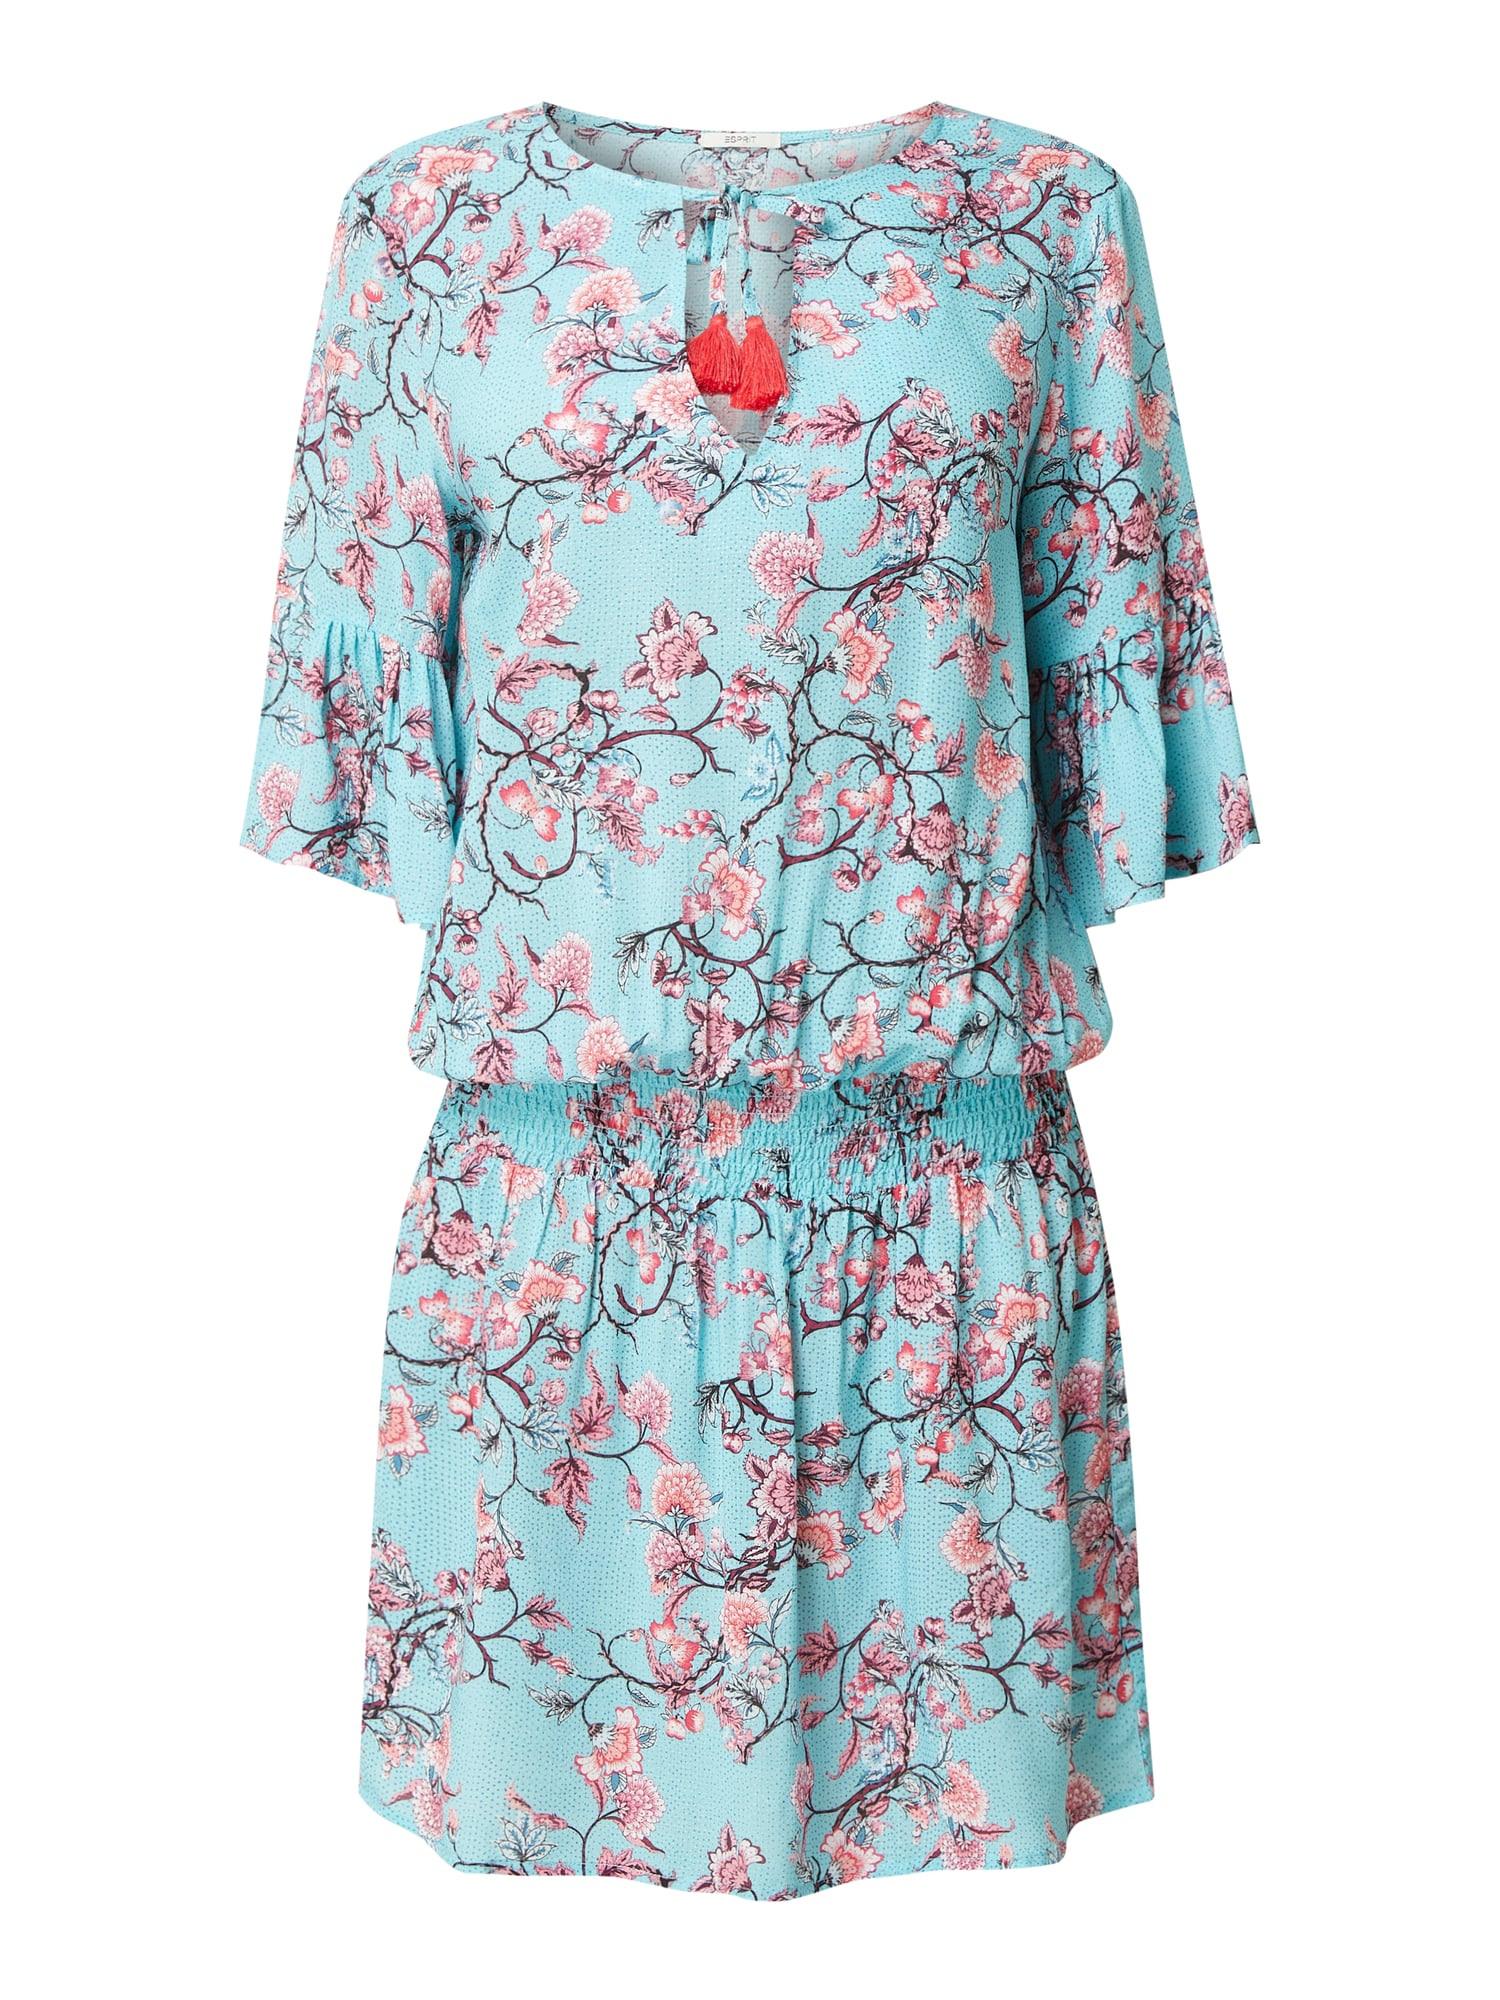 Esprit Kleid Aus Viskose In Blau / Türkis Online Kaufen